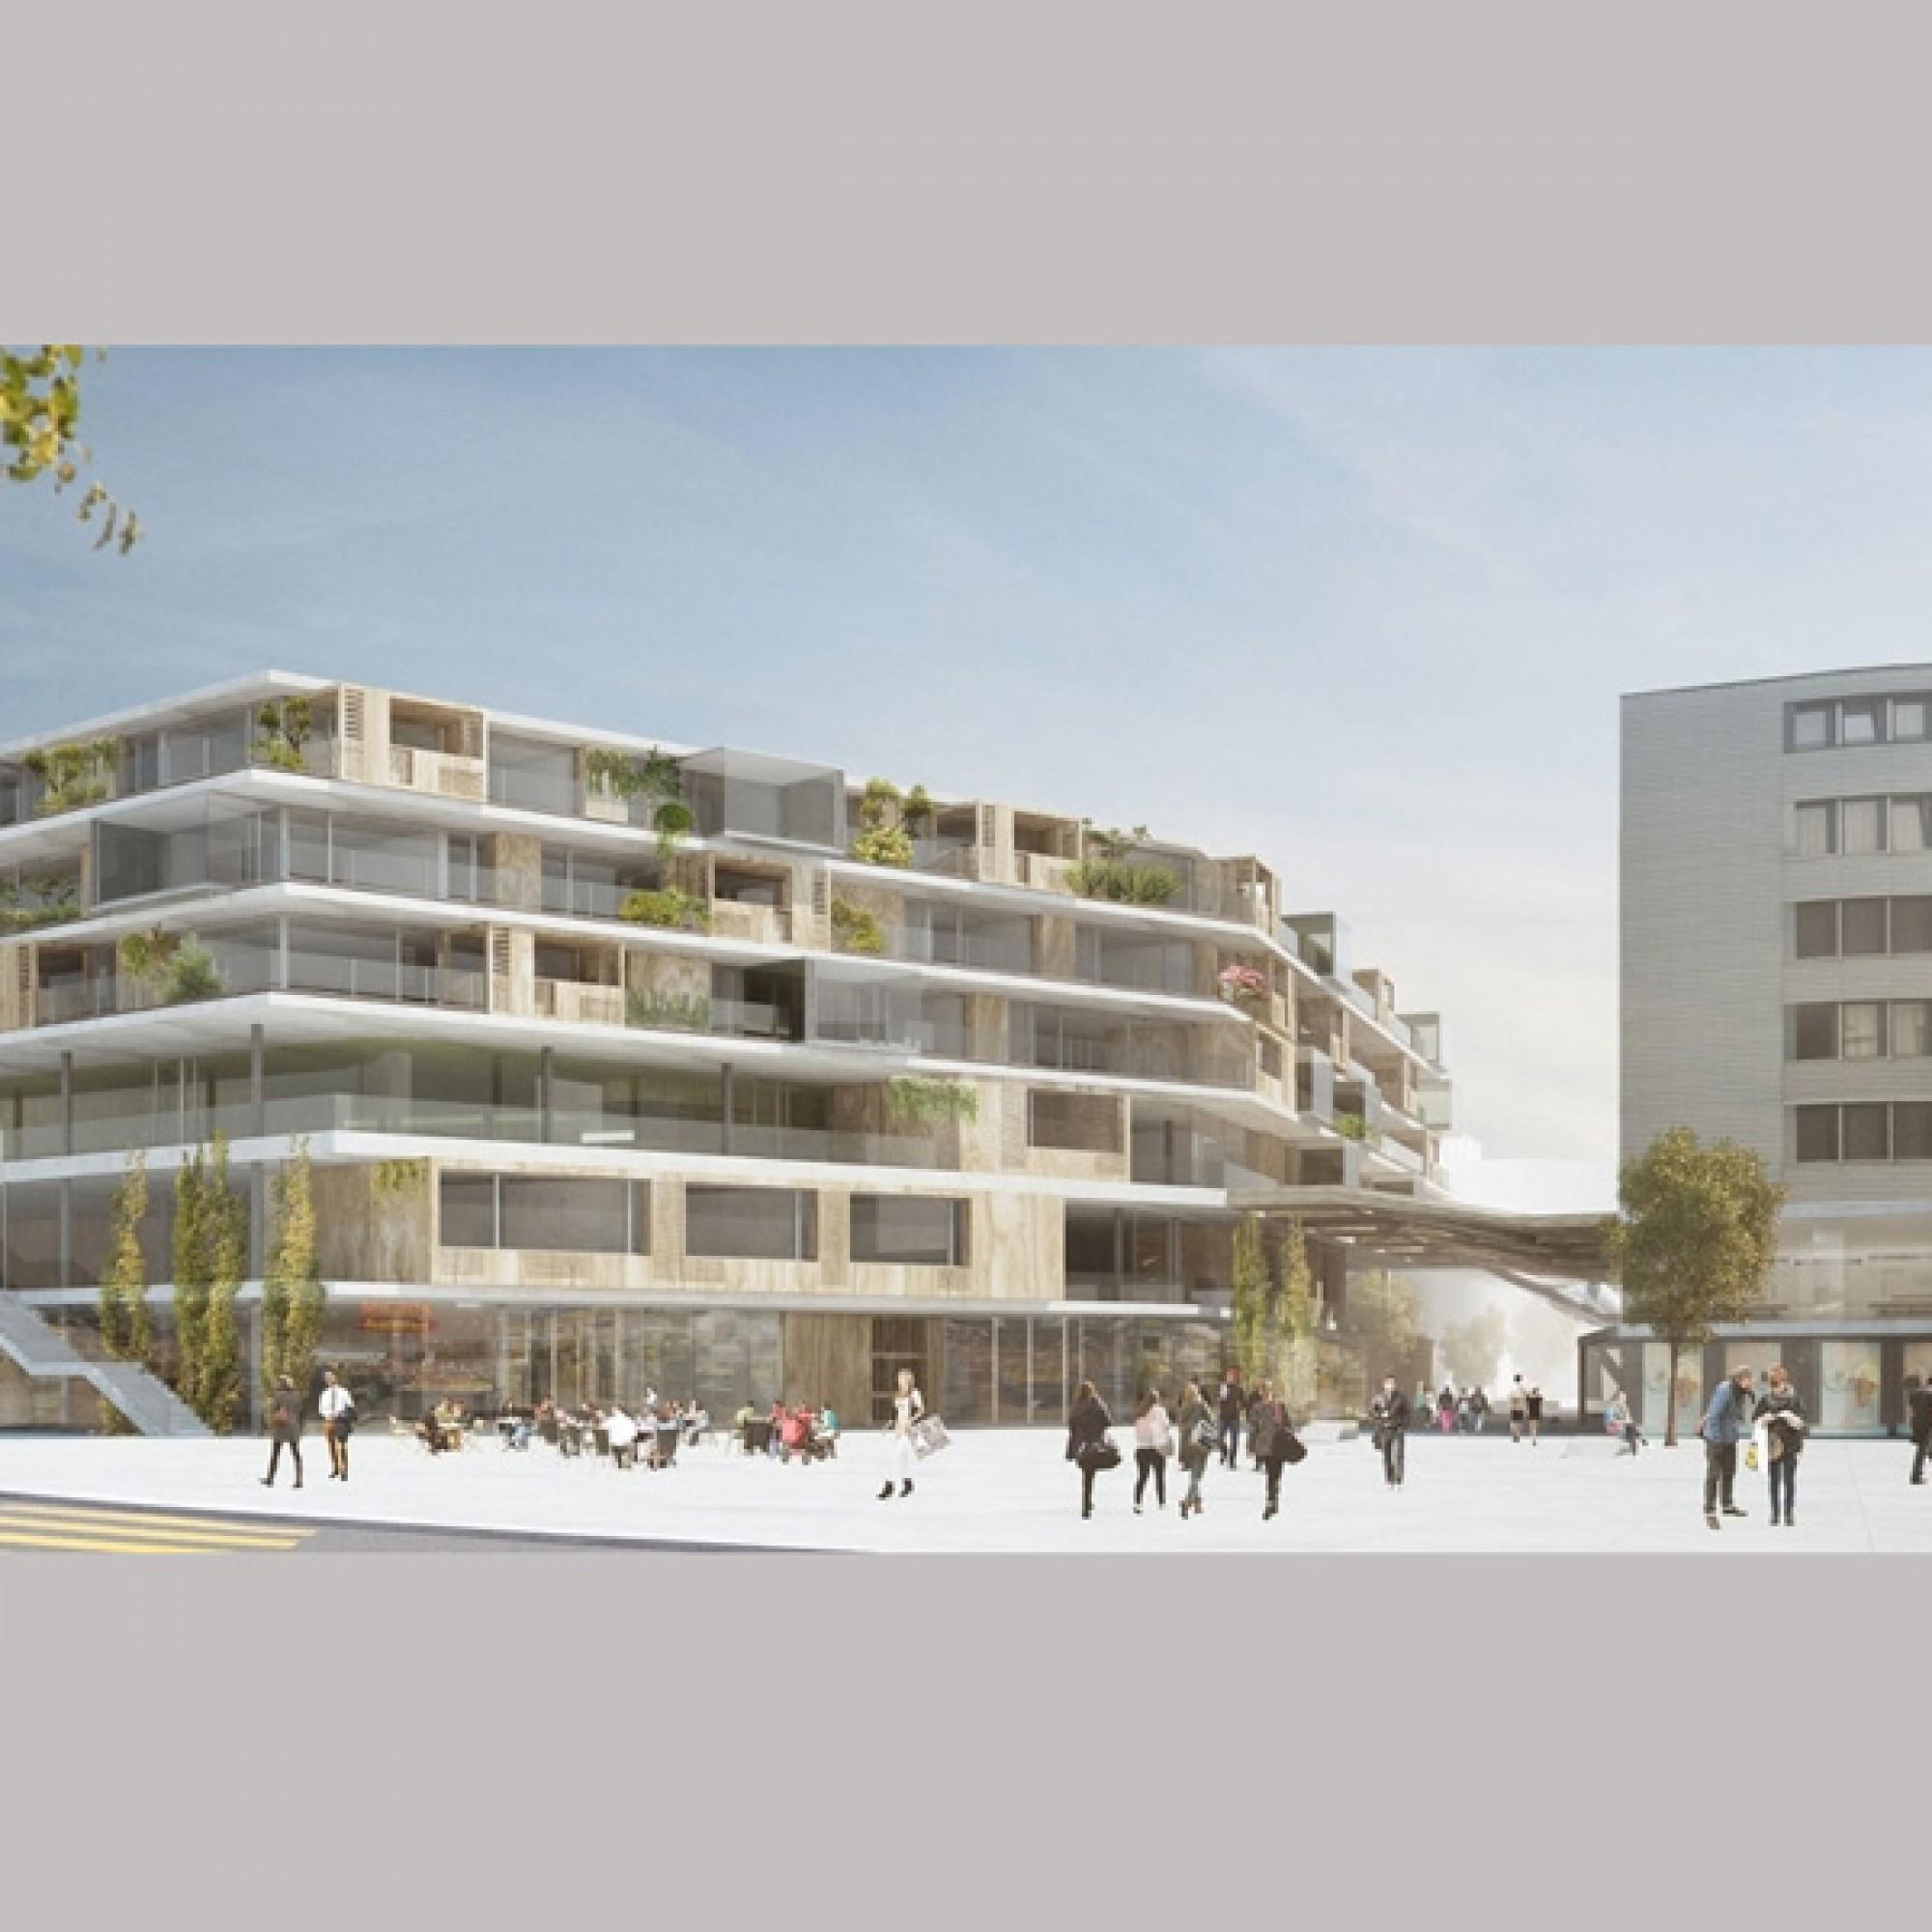 In Zukunft soll das Areal ein urbanes Einkaufs- und Begegnungszentrum sein.